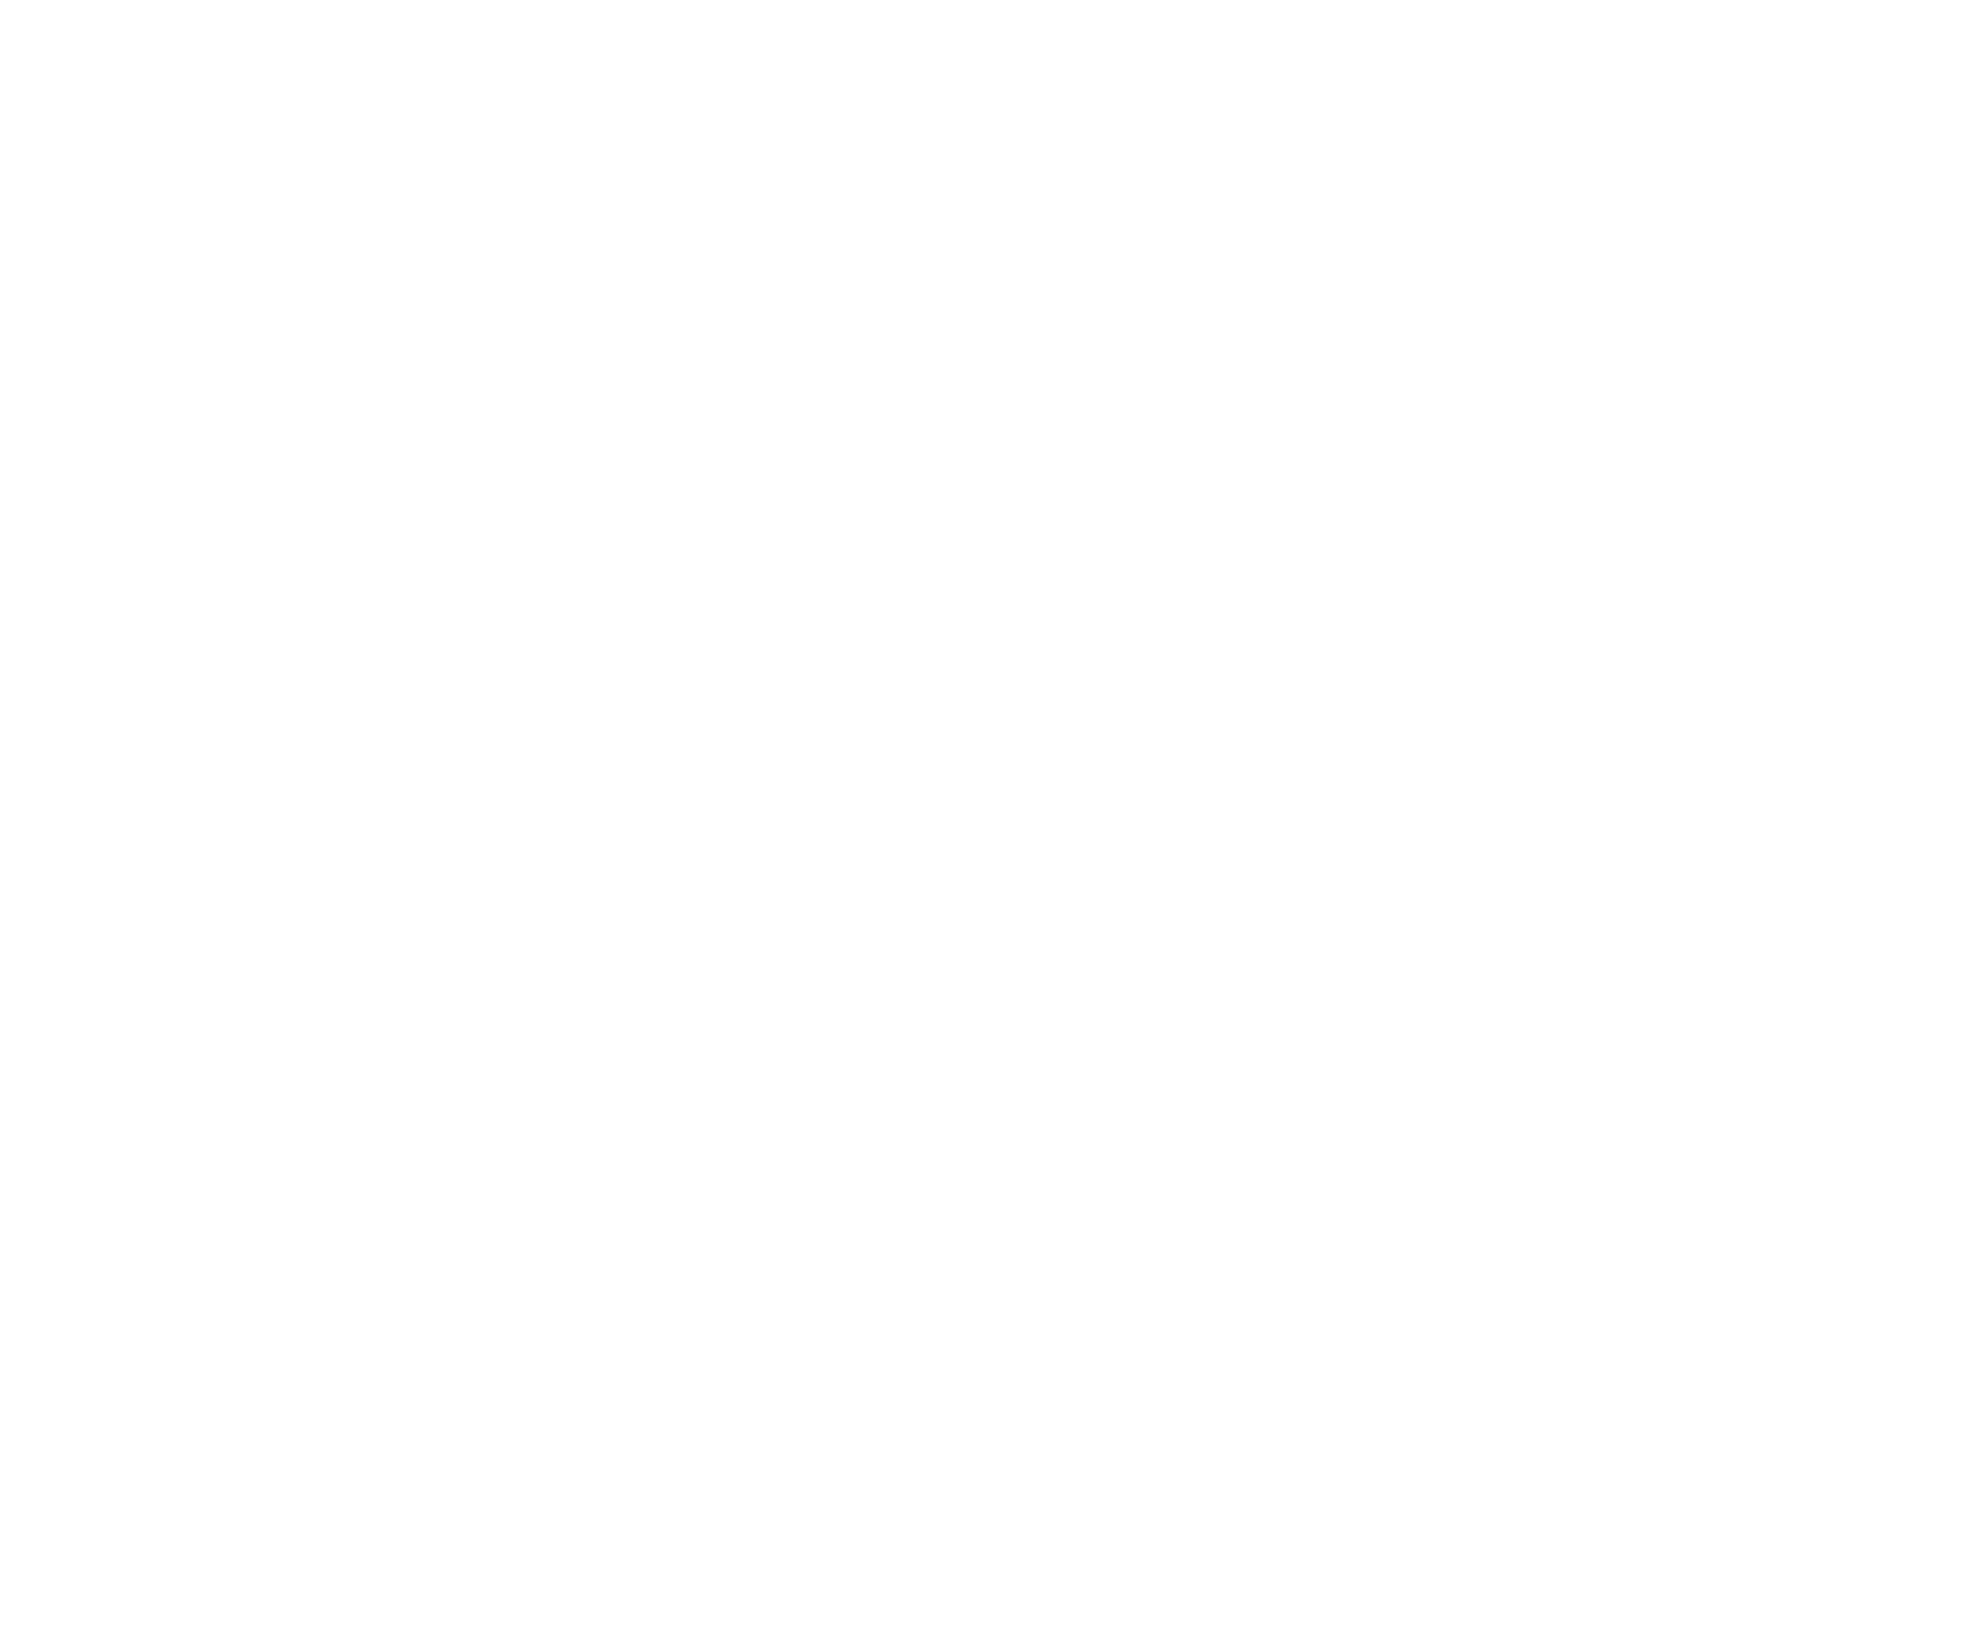 Serigrafías Cincaprint